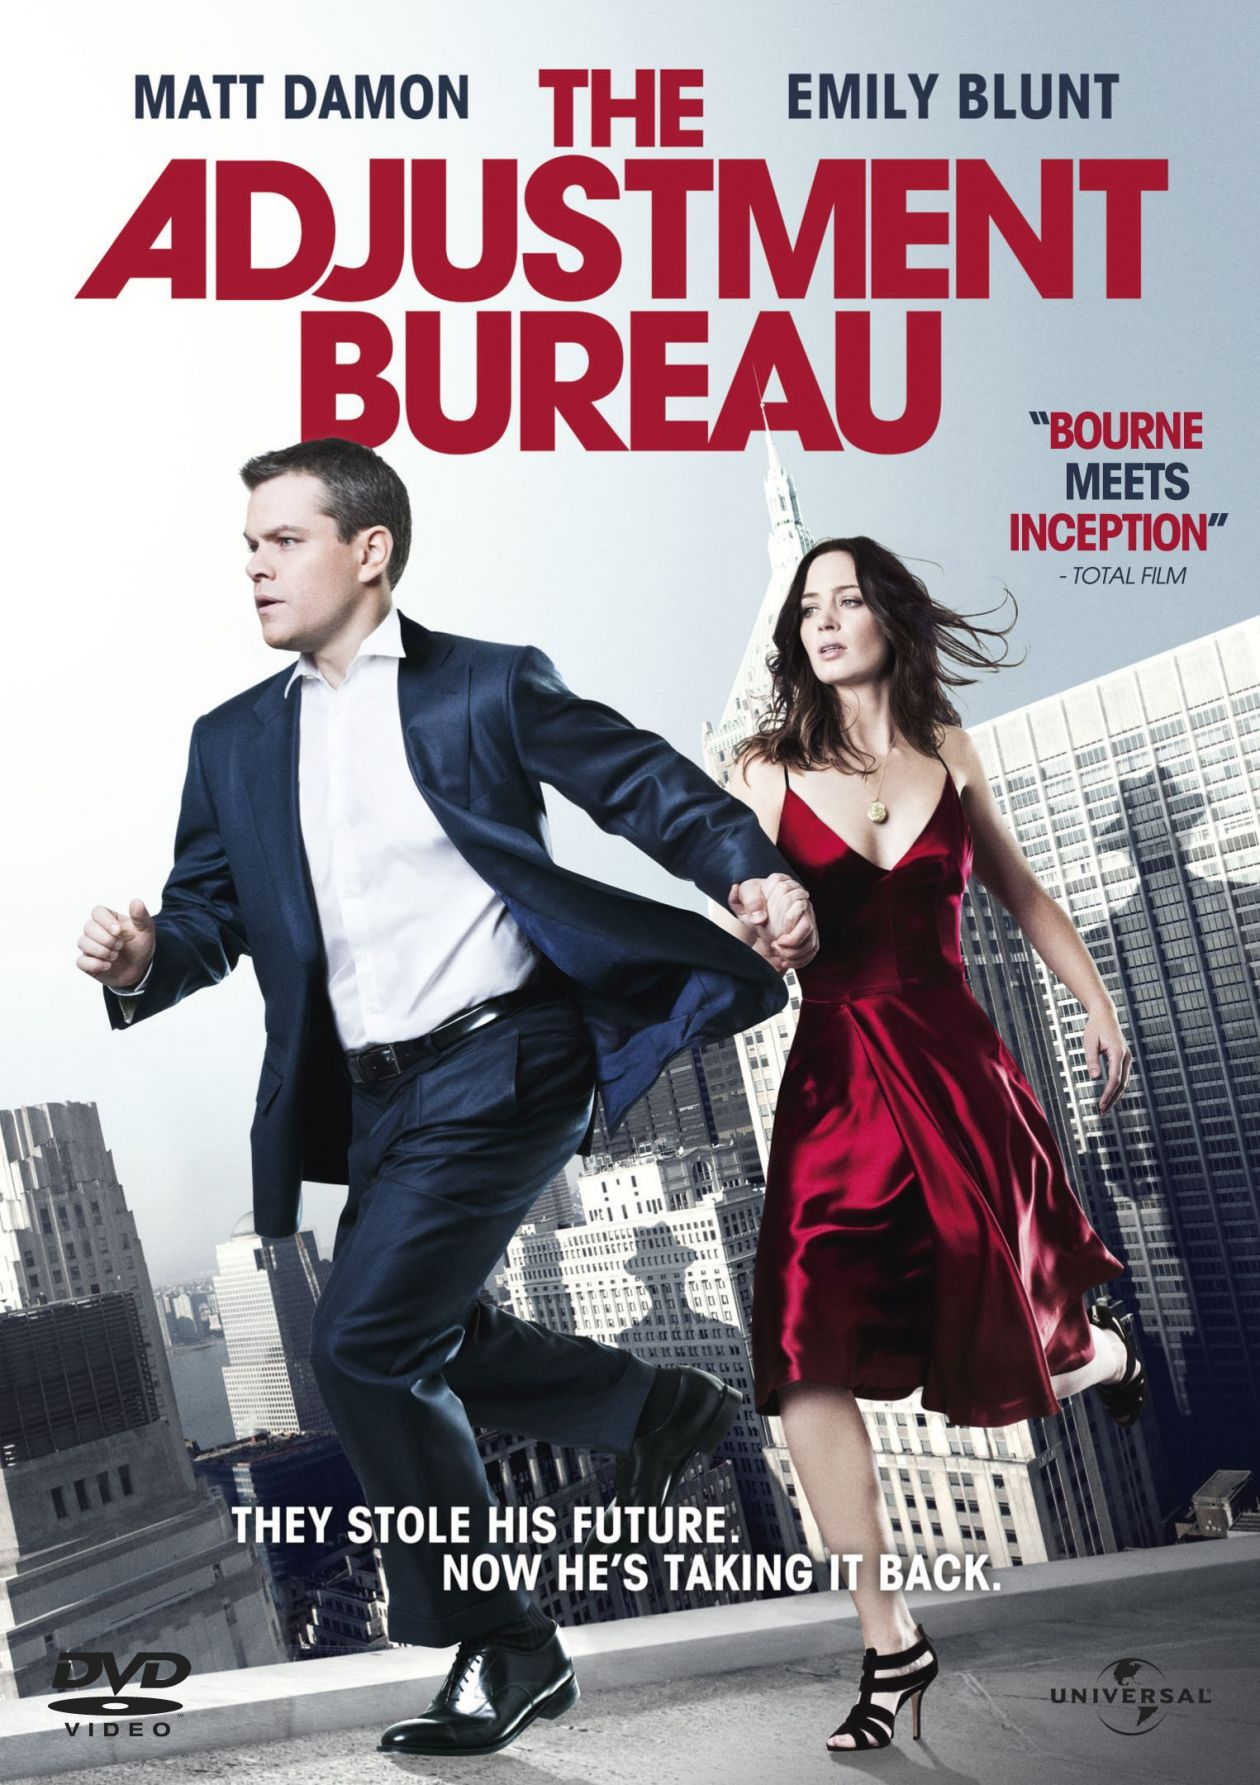 Emily Blunt actress / The Adjustment Bureau / L'Agence / George Nolfi 2011 / Movie Poster / Affiche de film